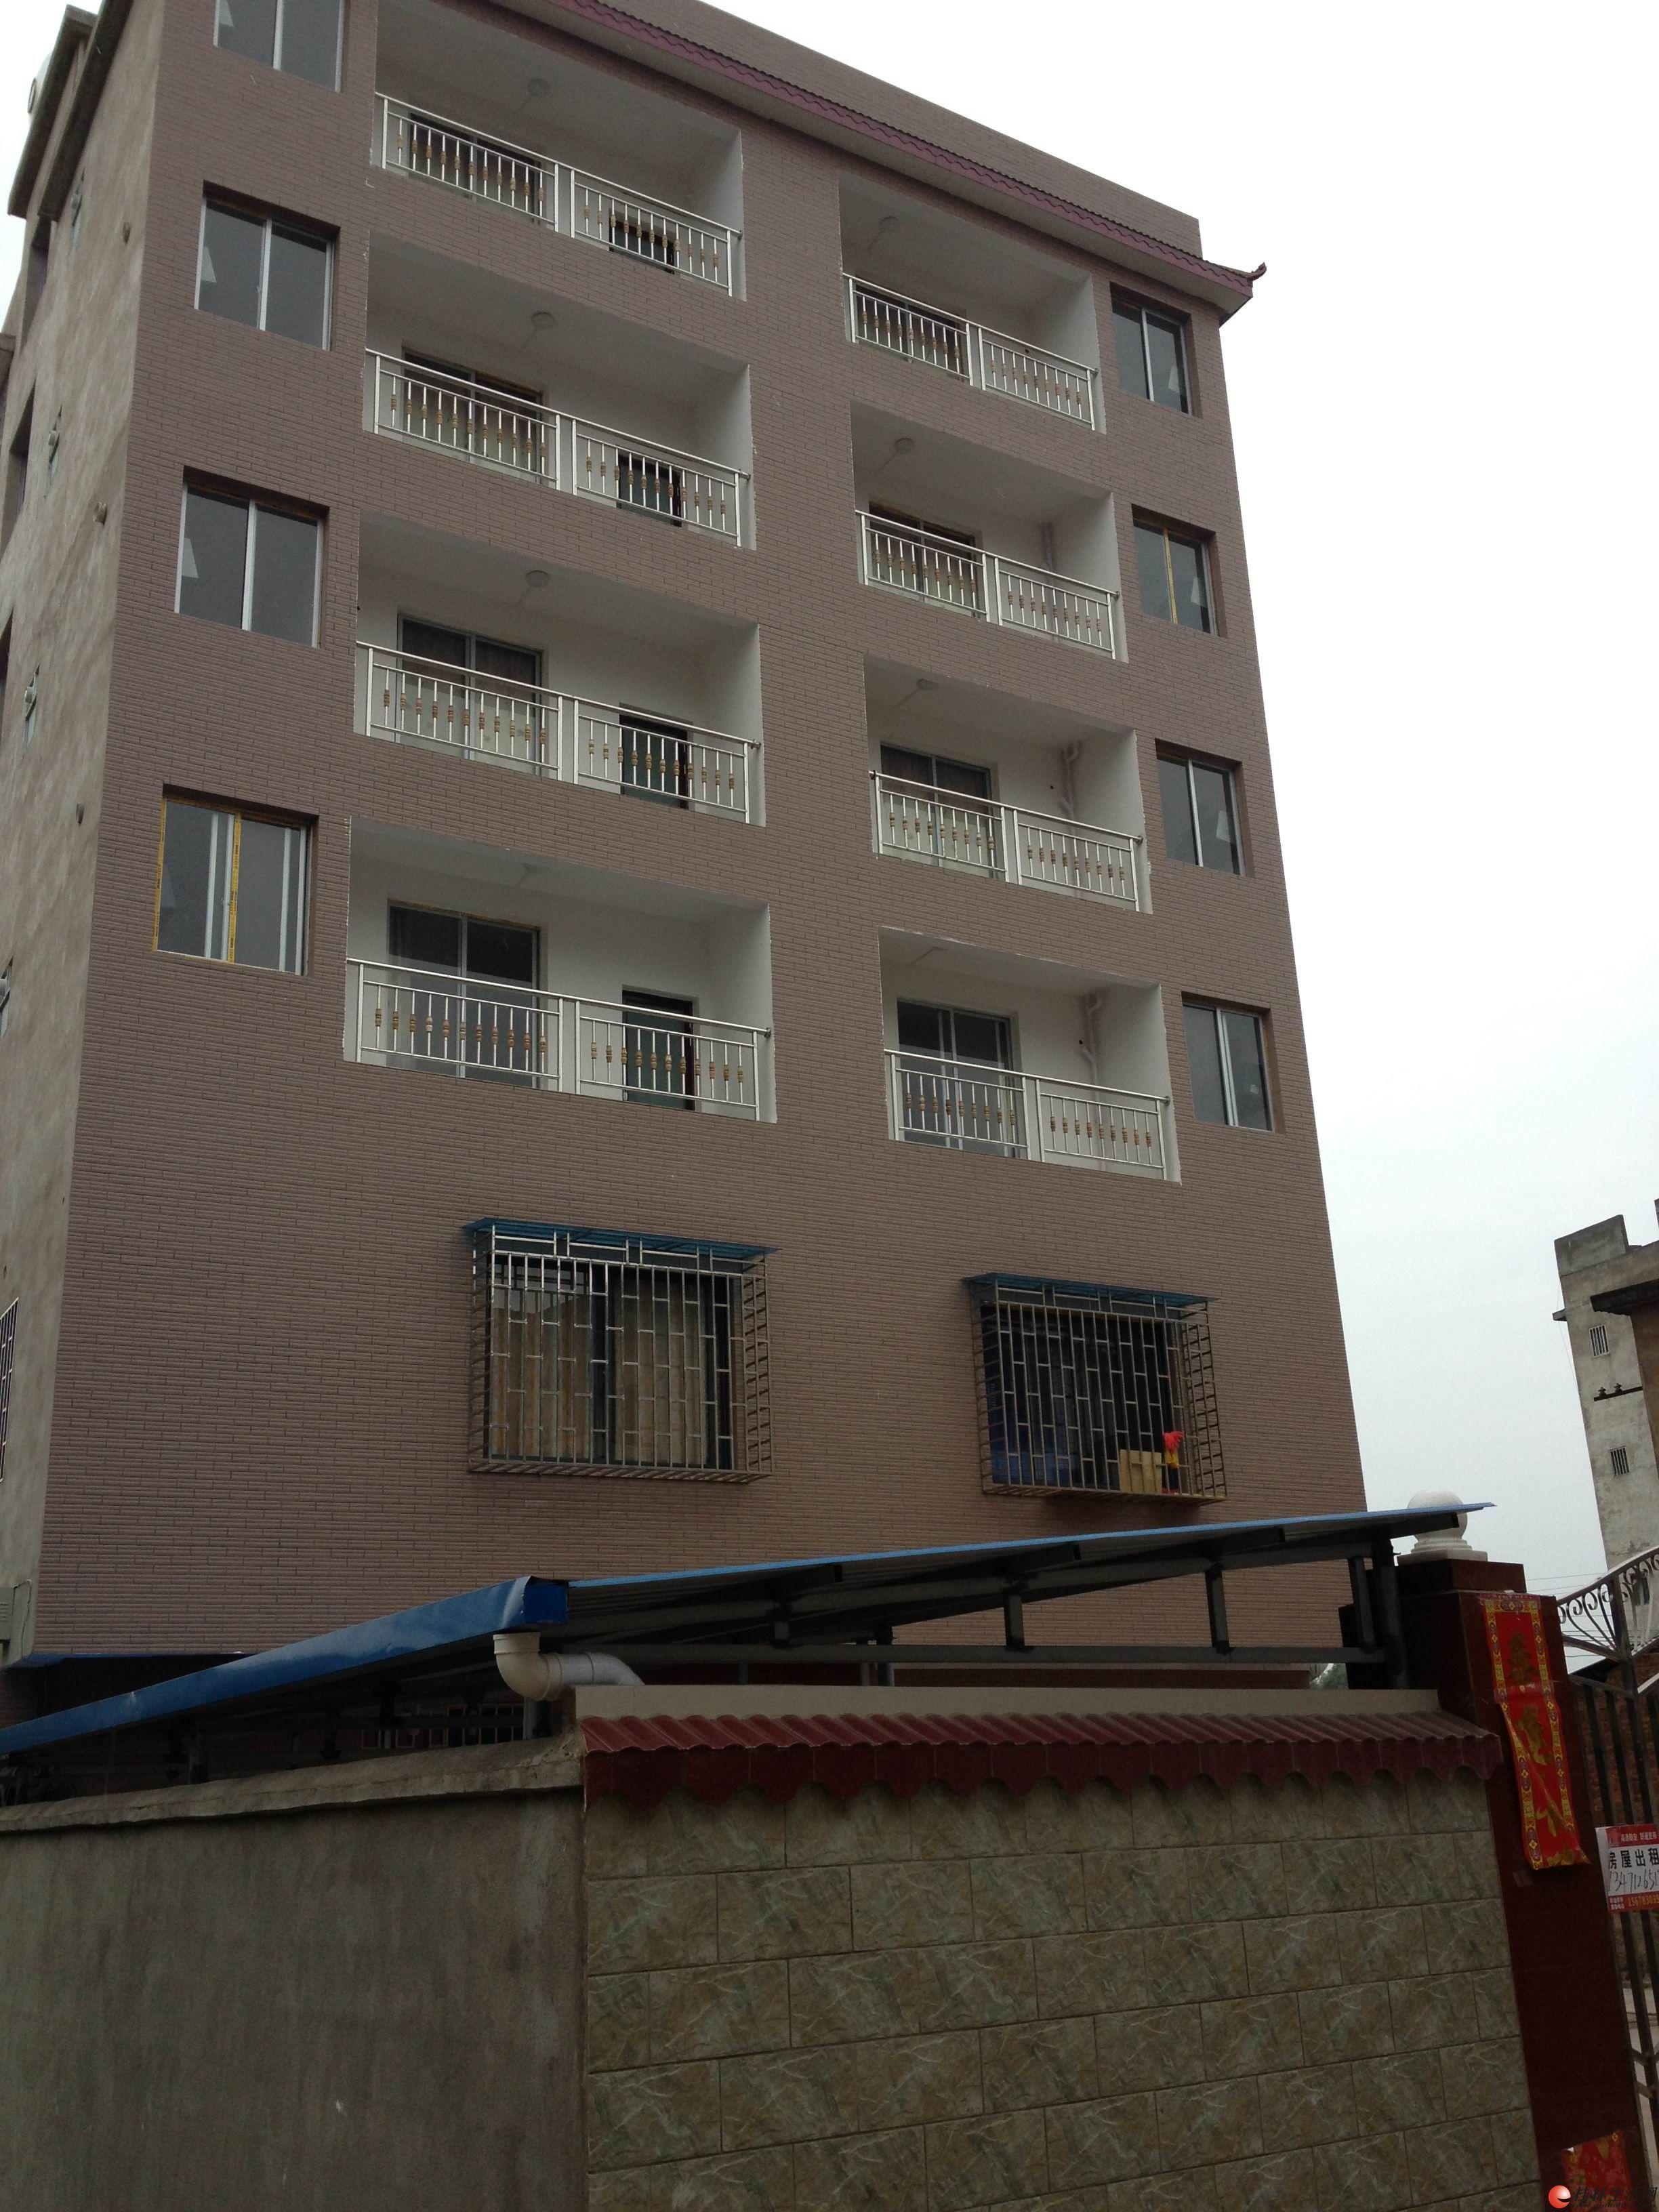 全新自建六层楼房招租!单间配套300-350元/间,一房一厅550元/套左右